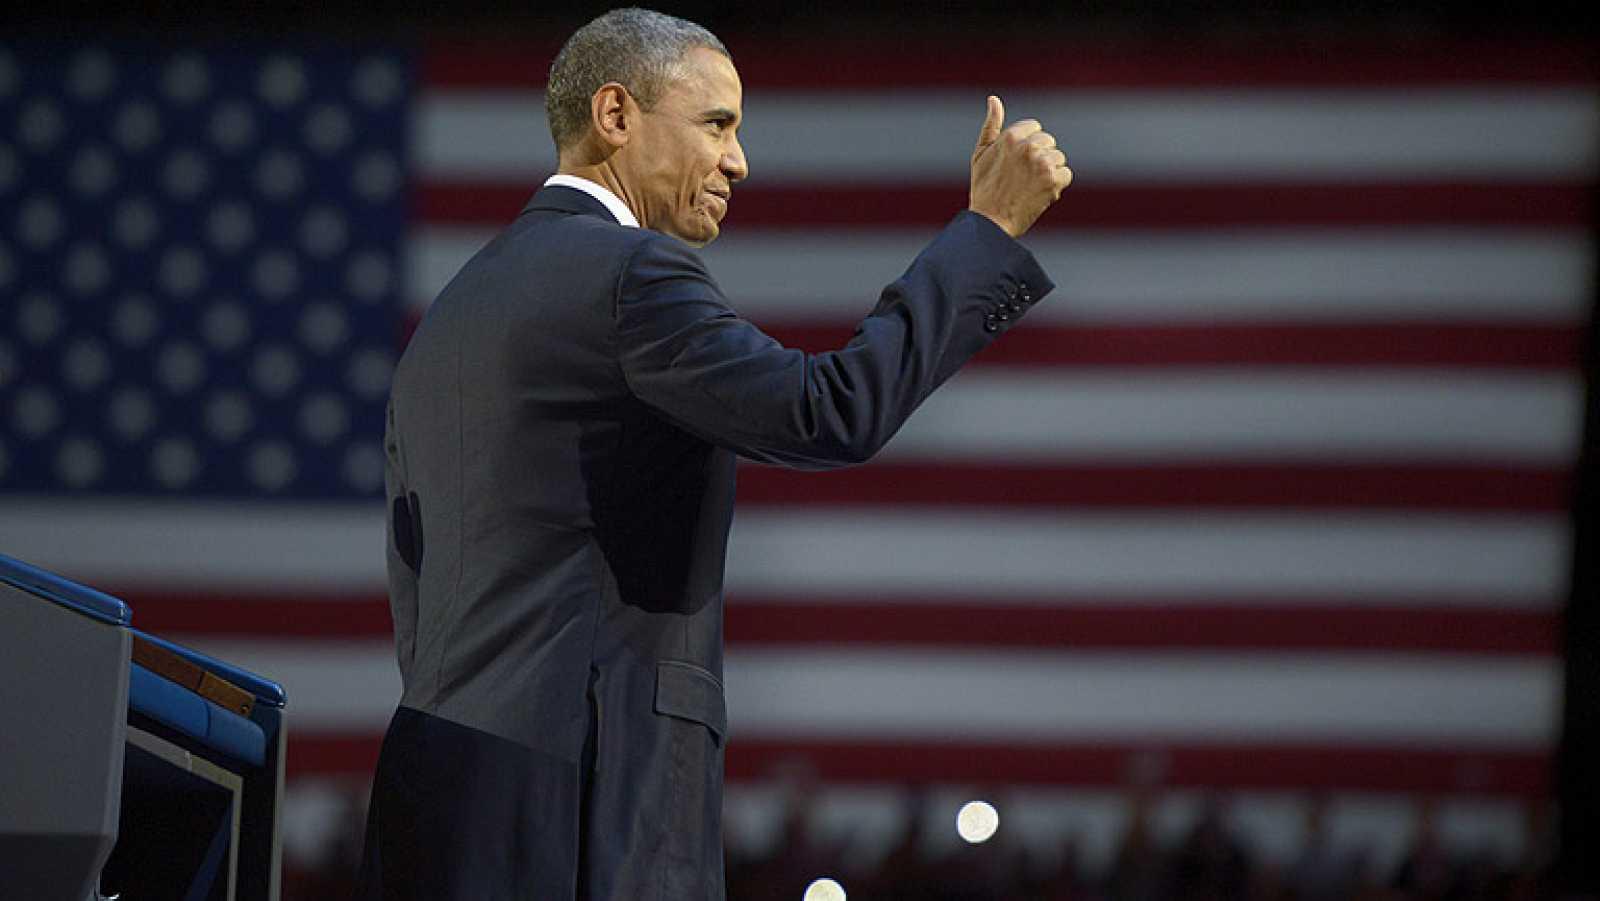 Obama dice que lo mejor está por venir, en su primer discurso tras su víctoria en EEUU